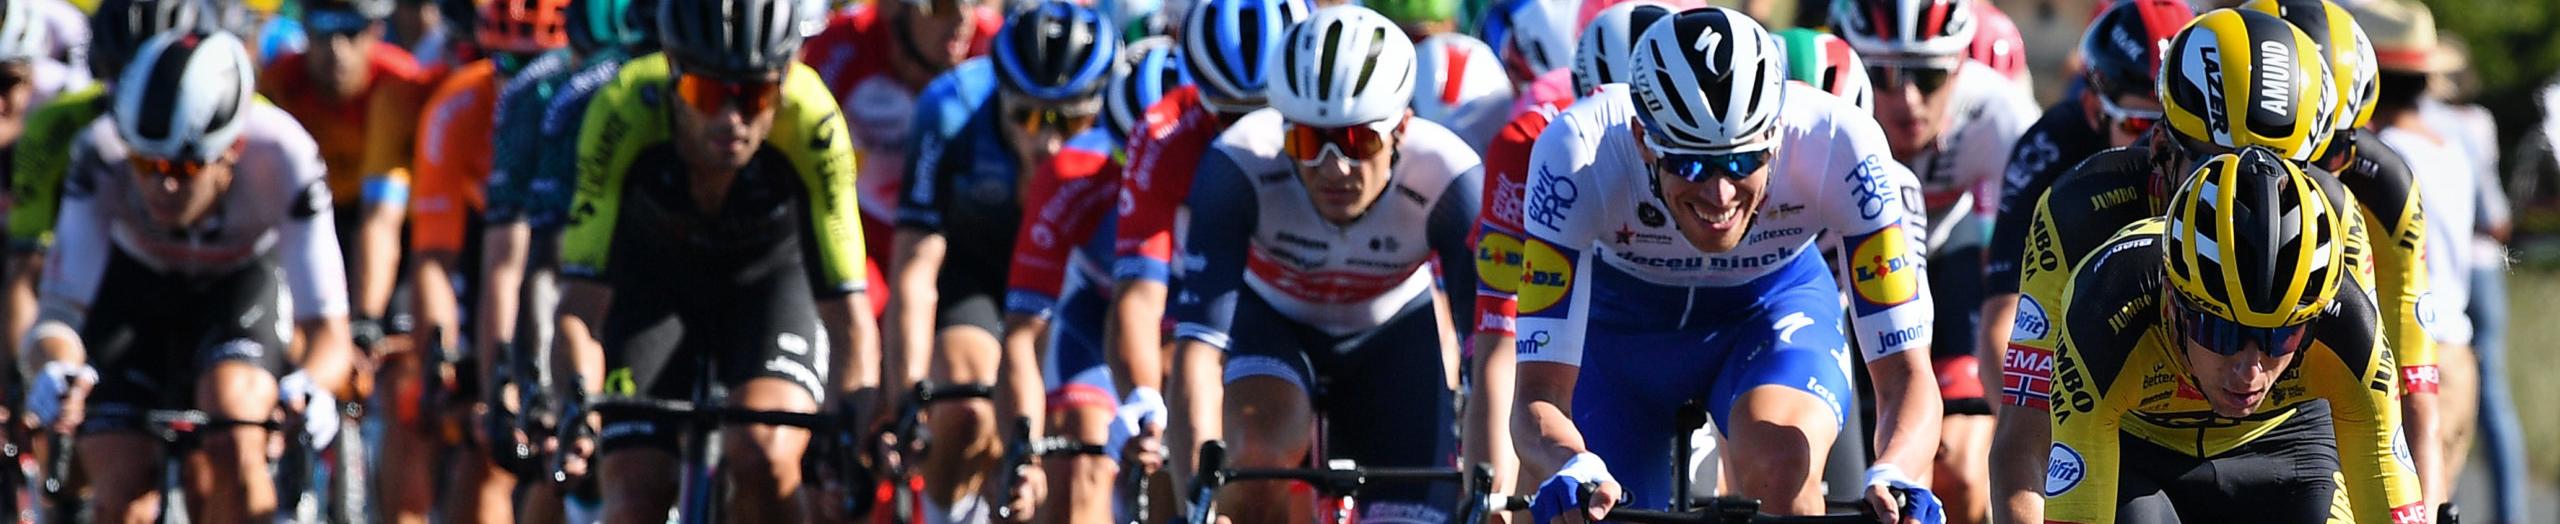 Tour de France 2020, quote e favoriti per la tappa 11: nuova occasione per i velocisti